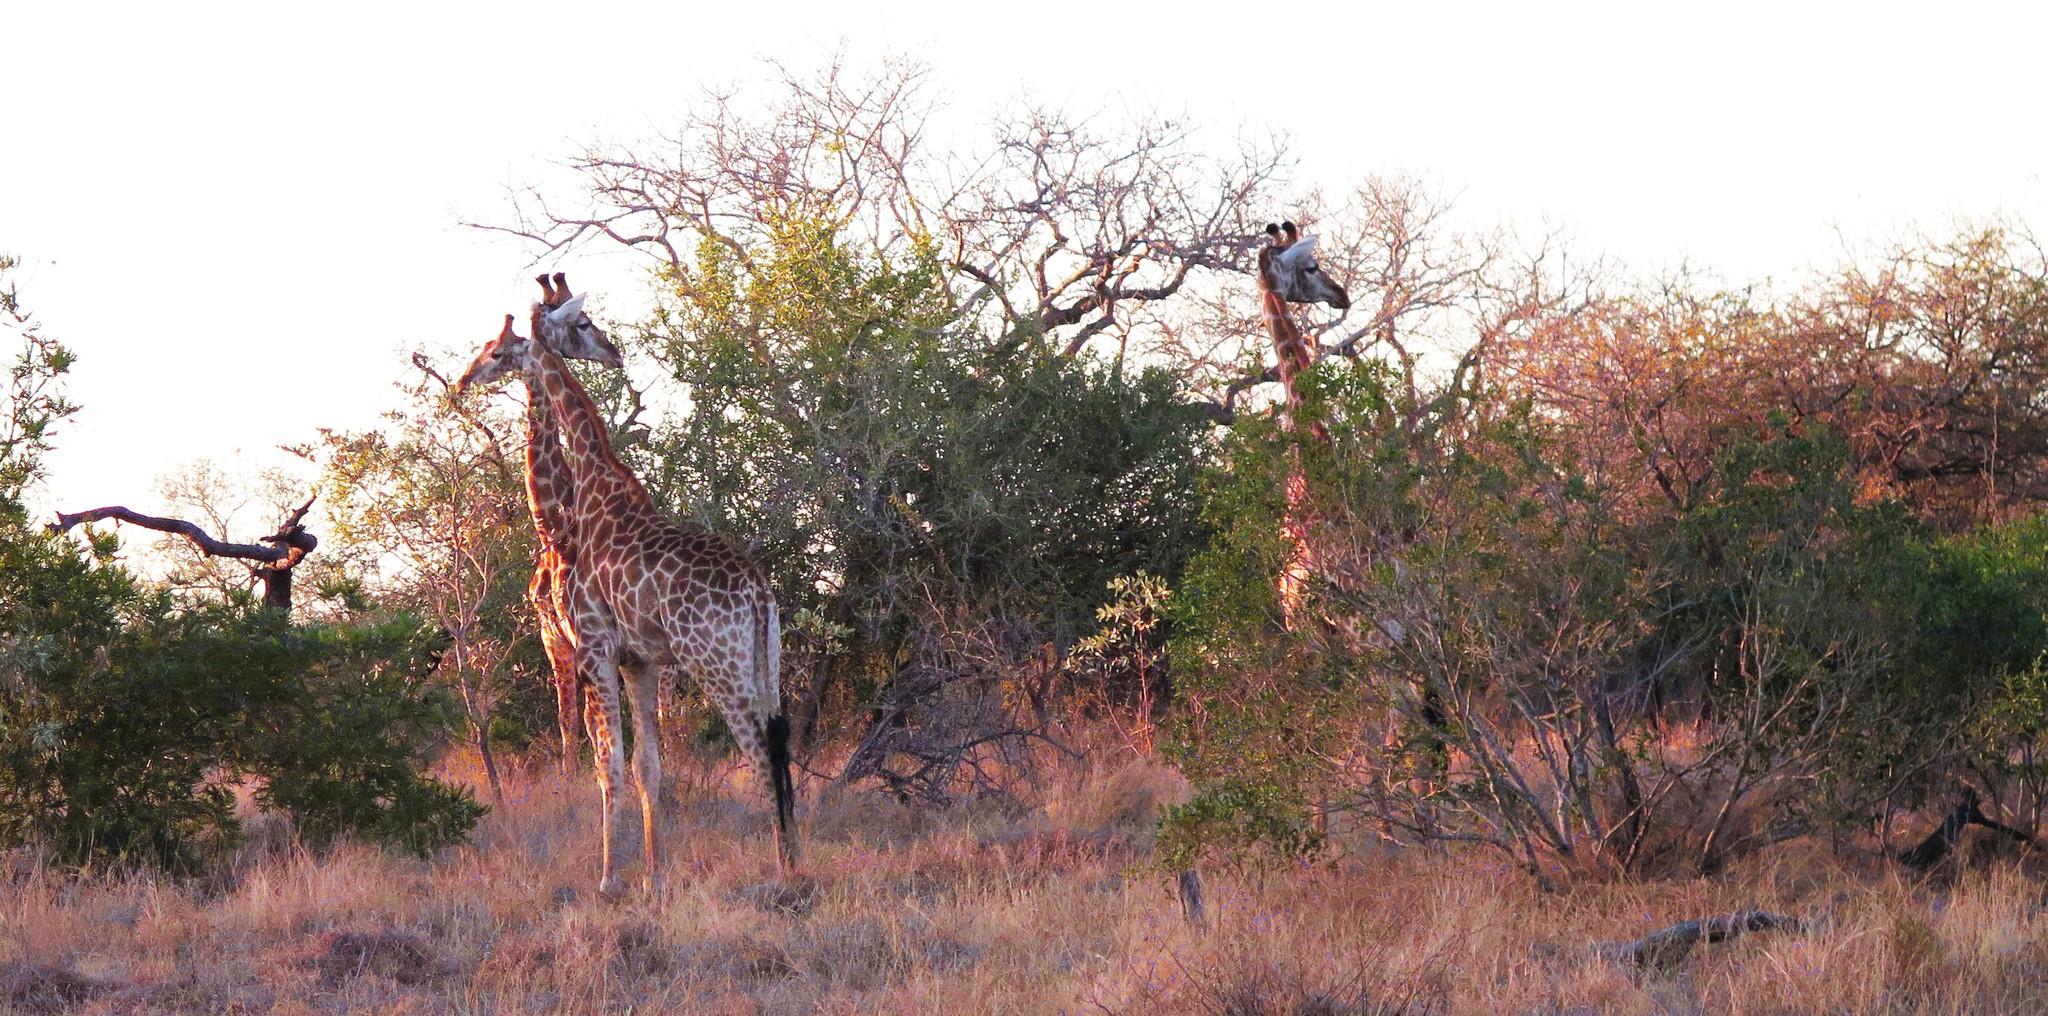 Giraffen het Krugerpark in Zuid Afrika